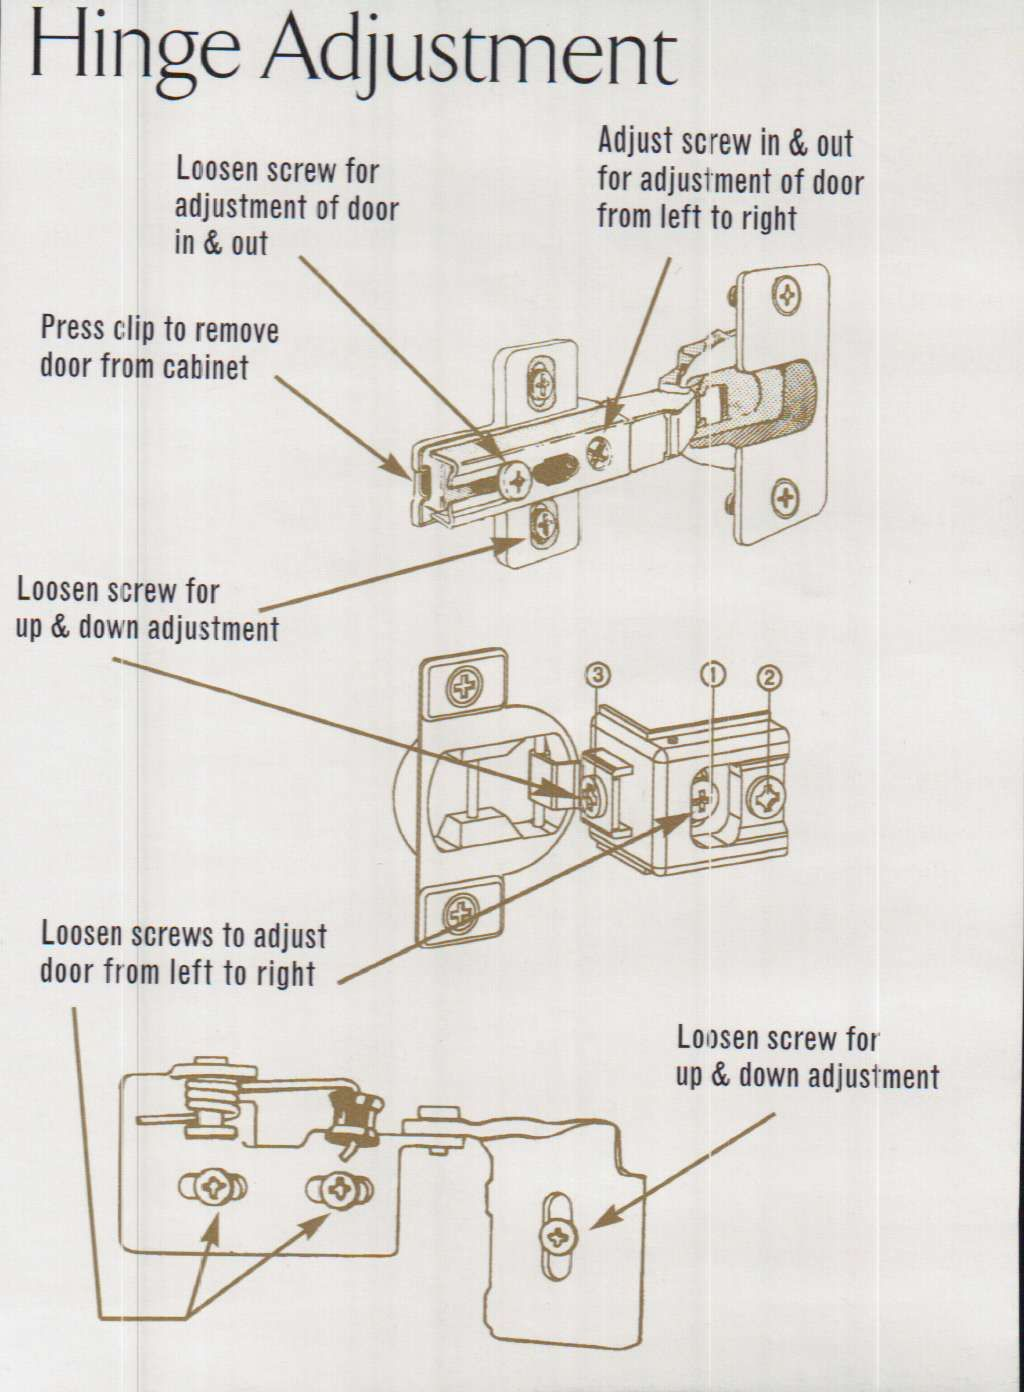 Cabinet hinge adjustment home housekeeping for Adjusting hinges on kitchen cabinets